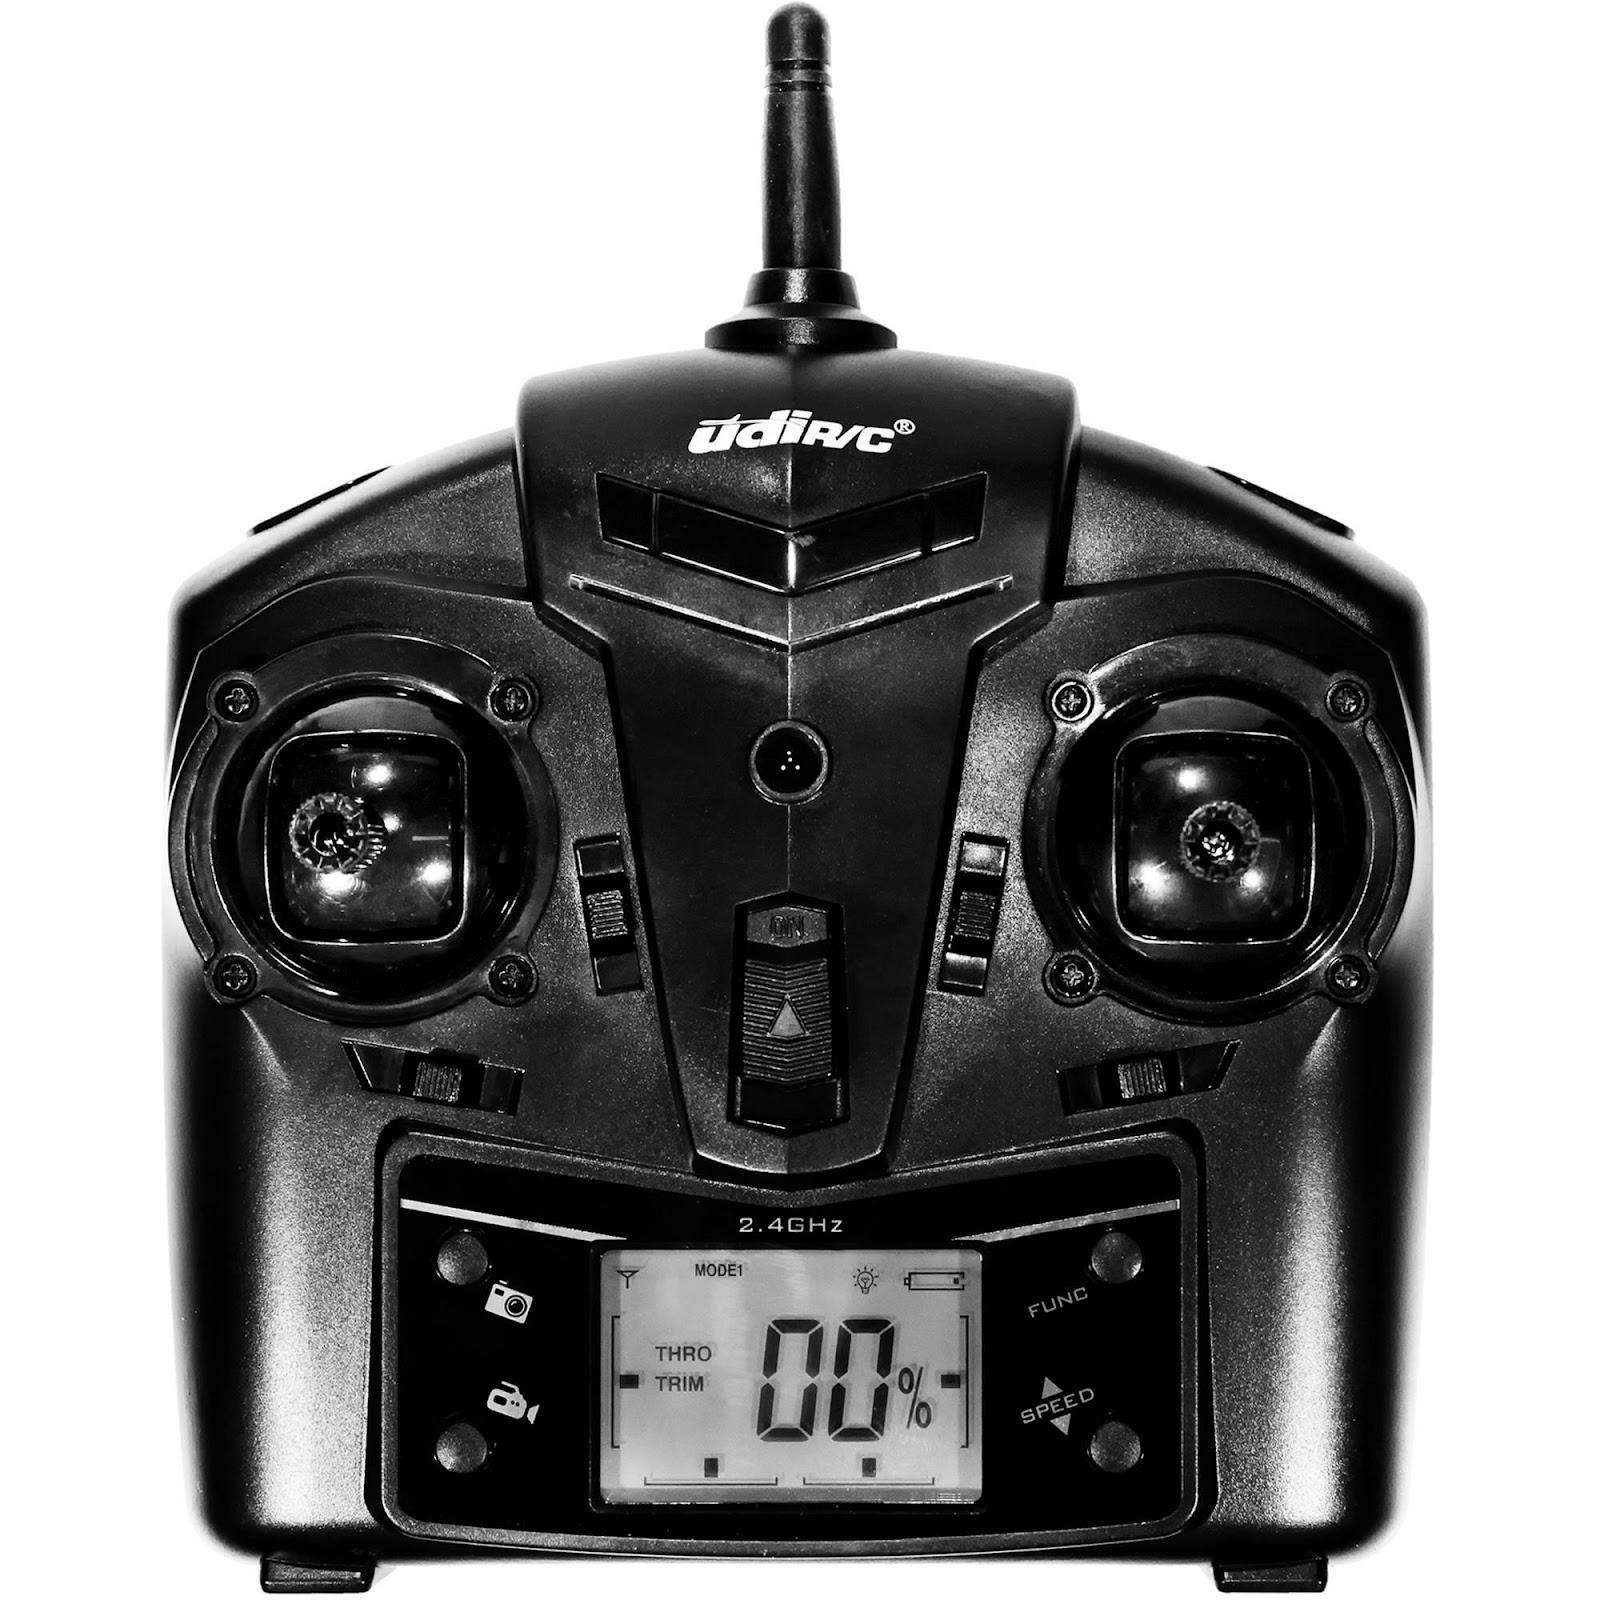 UDI U818a Drone Controller